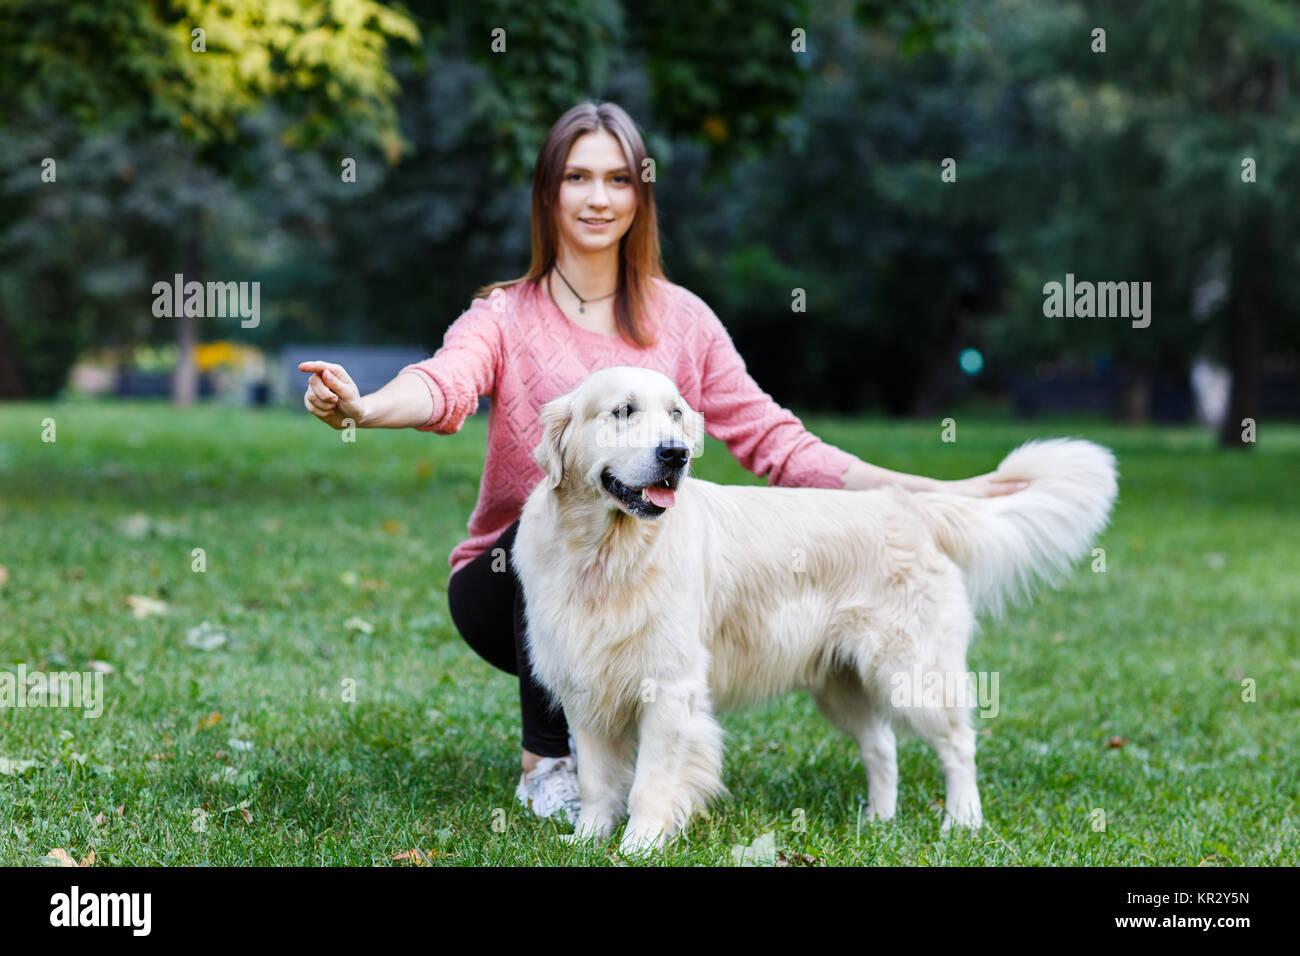 Immagine di brunette con cane sul prato verde Immagini Stock